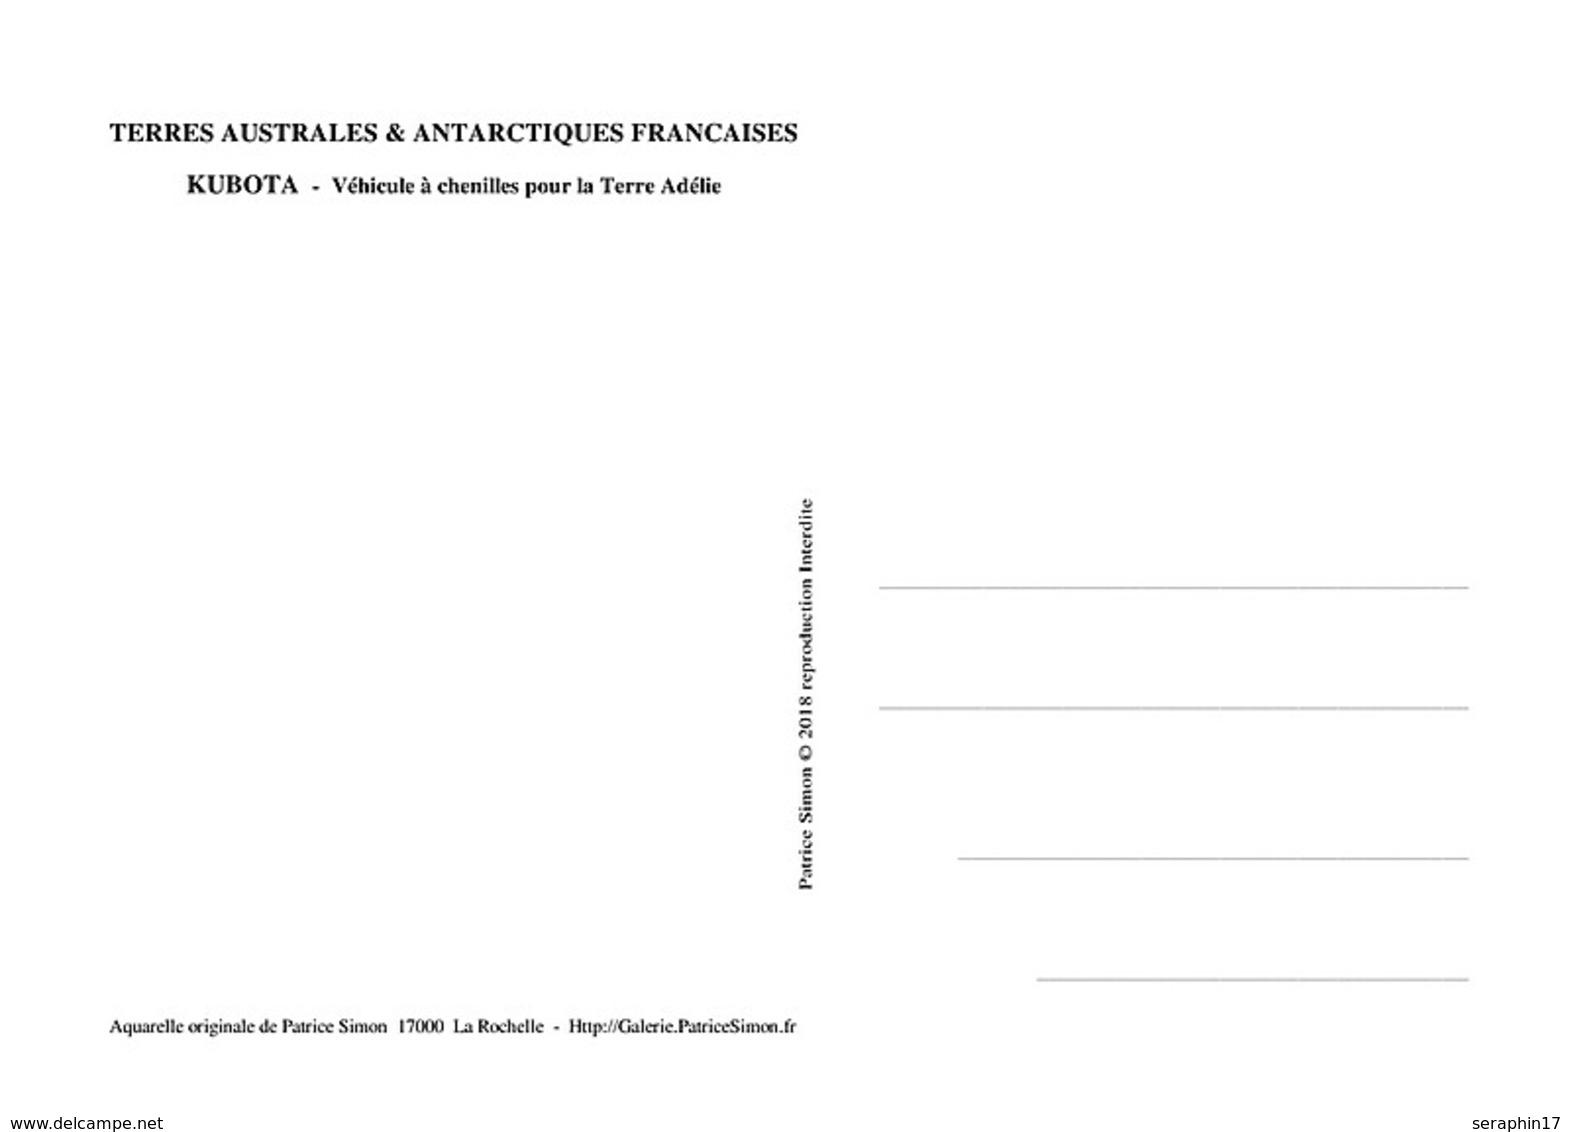 CP Inédite - Carte-Postale Neuve - Kubota - Véhicule Polaire Dumont D'Urville Terre Adélie - Aquarelle Originale - TAAF : Terres Australes Antarctiques Françaises